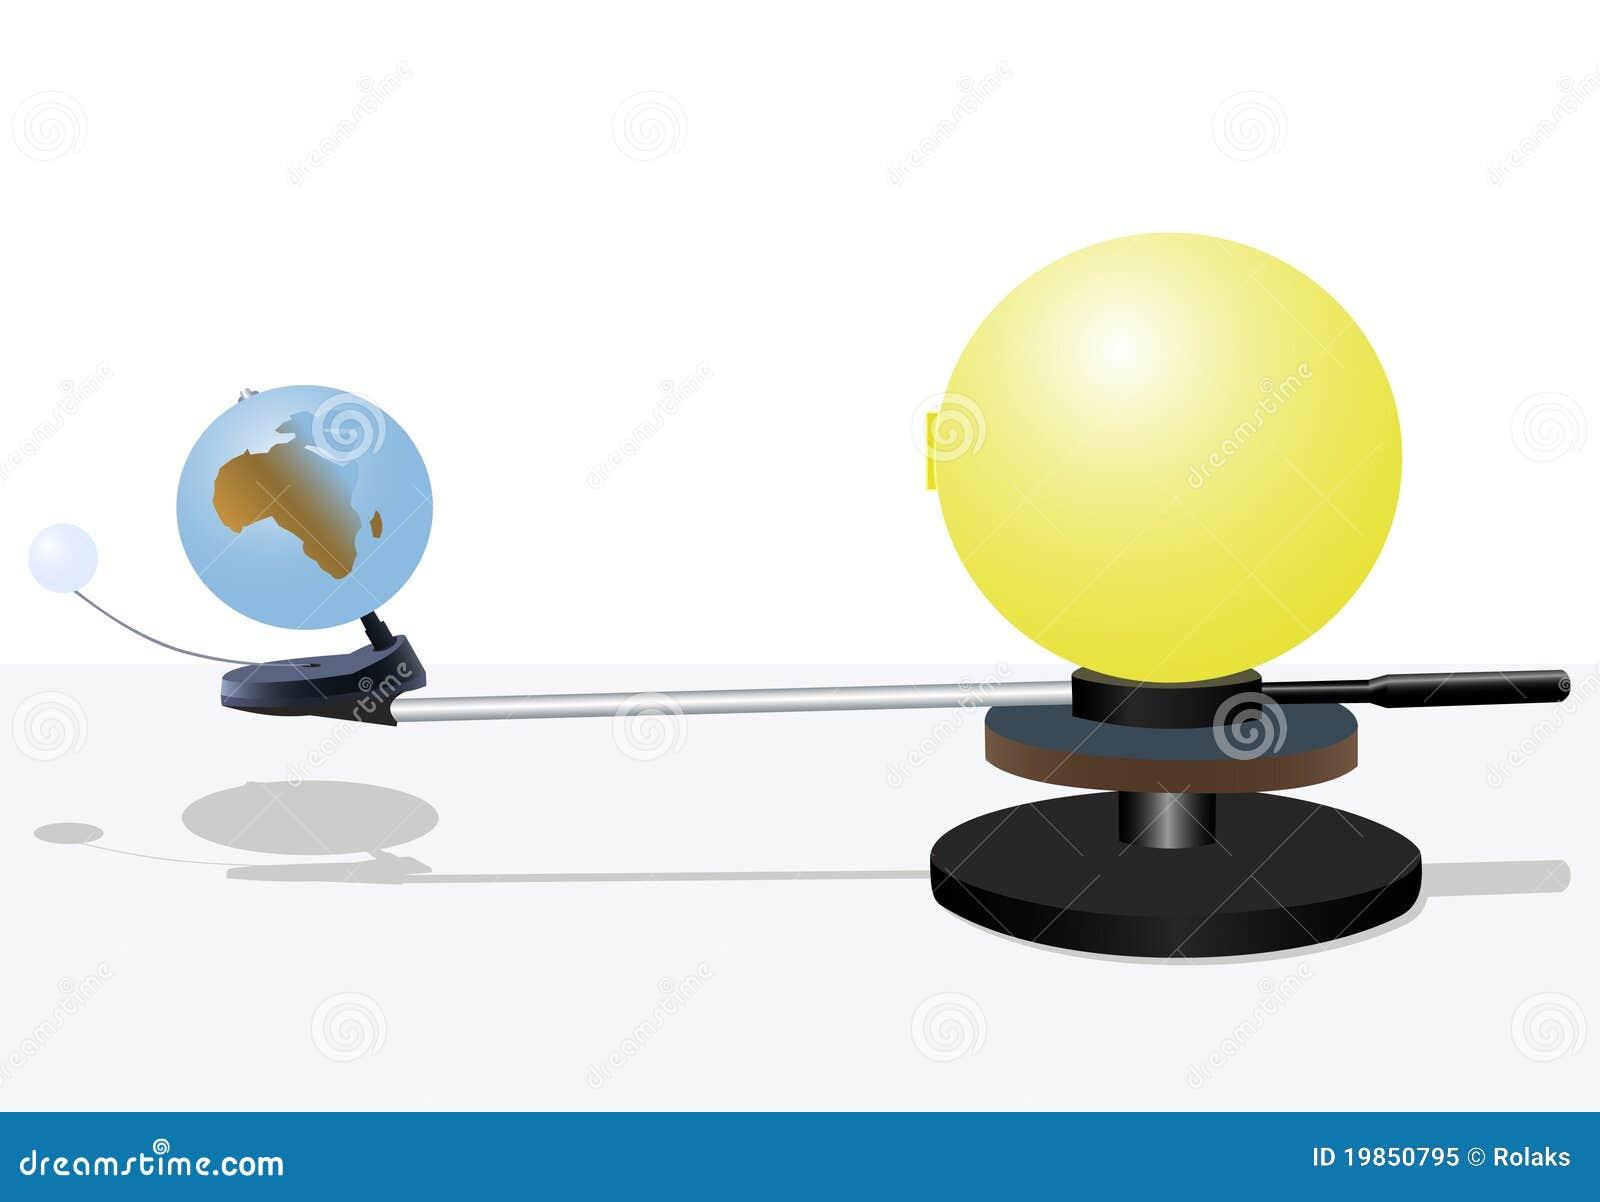 Het model van de zon en van de aarde